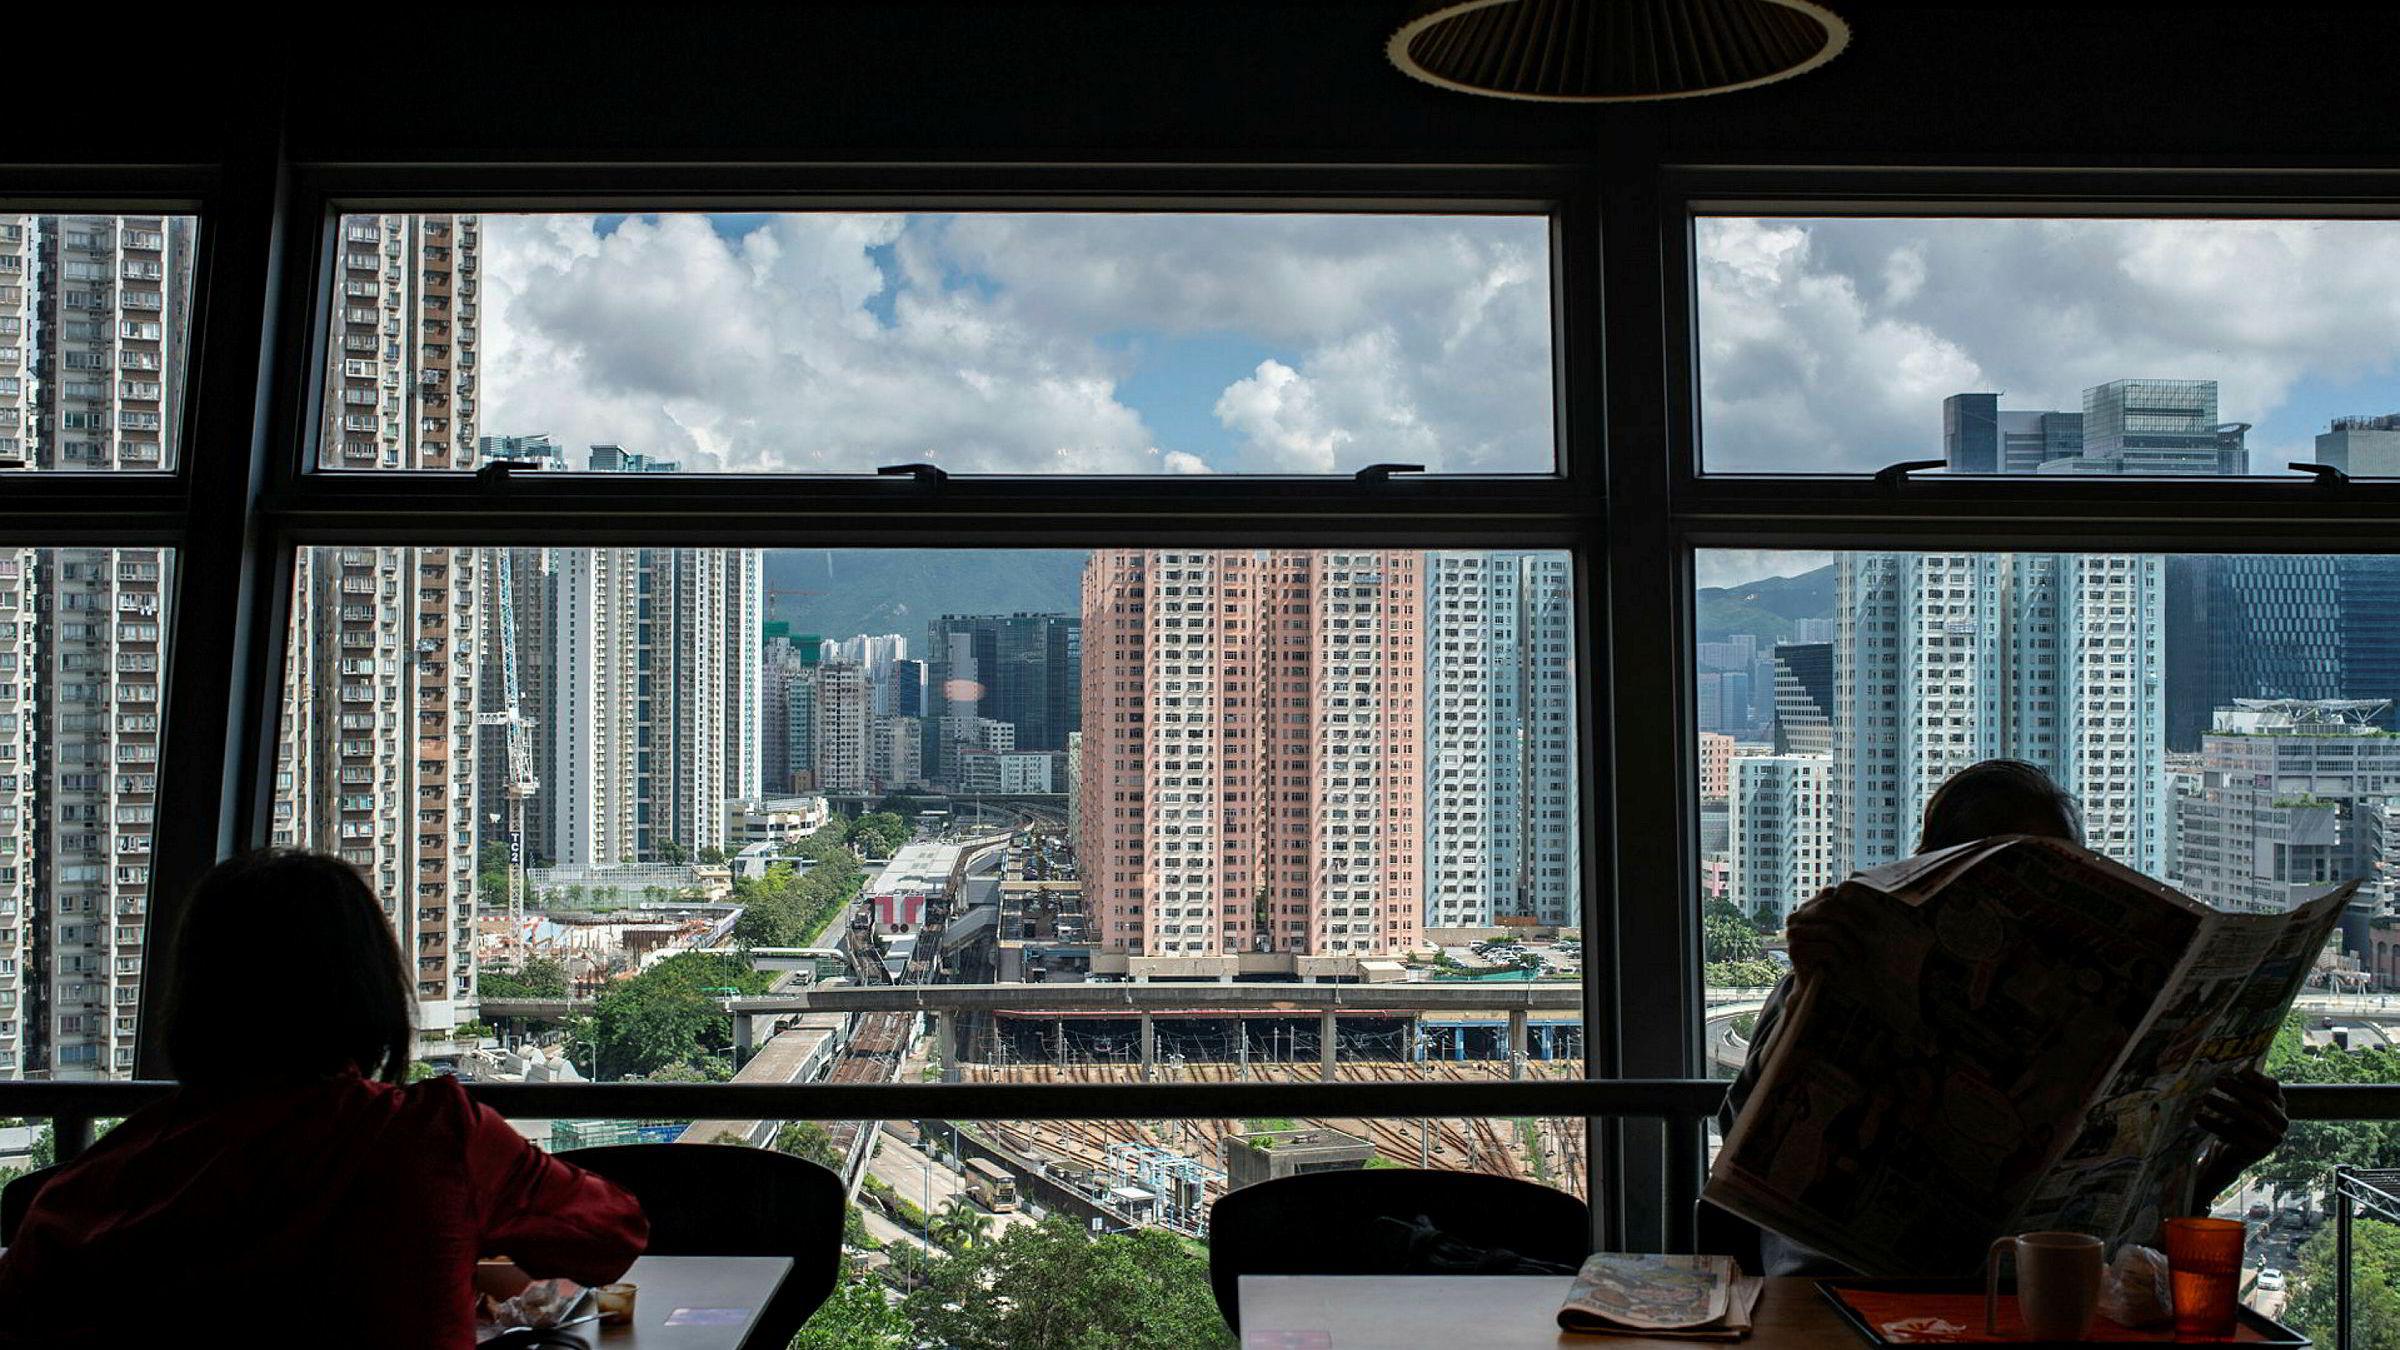 Hong Kong er verdens dyreste by å bo i for utenlandske arbeidstagere, ifølge en undersøkelse fra Mercer.